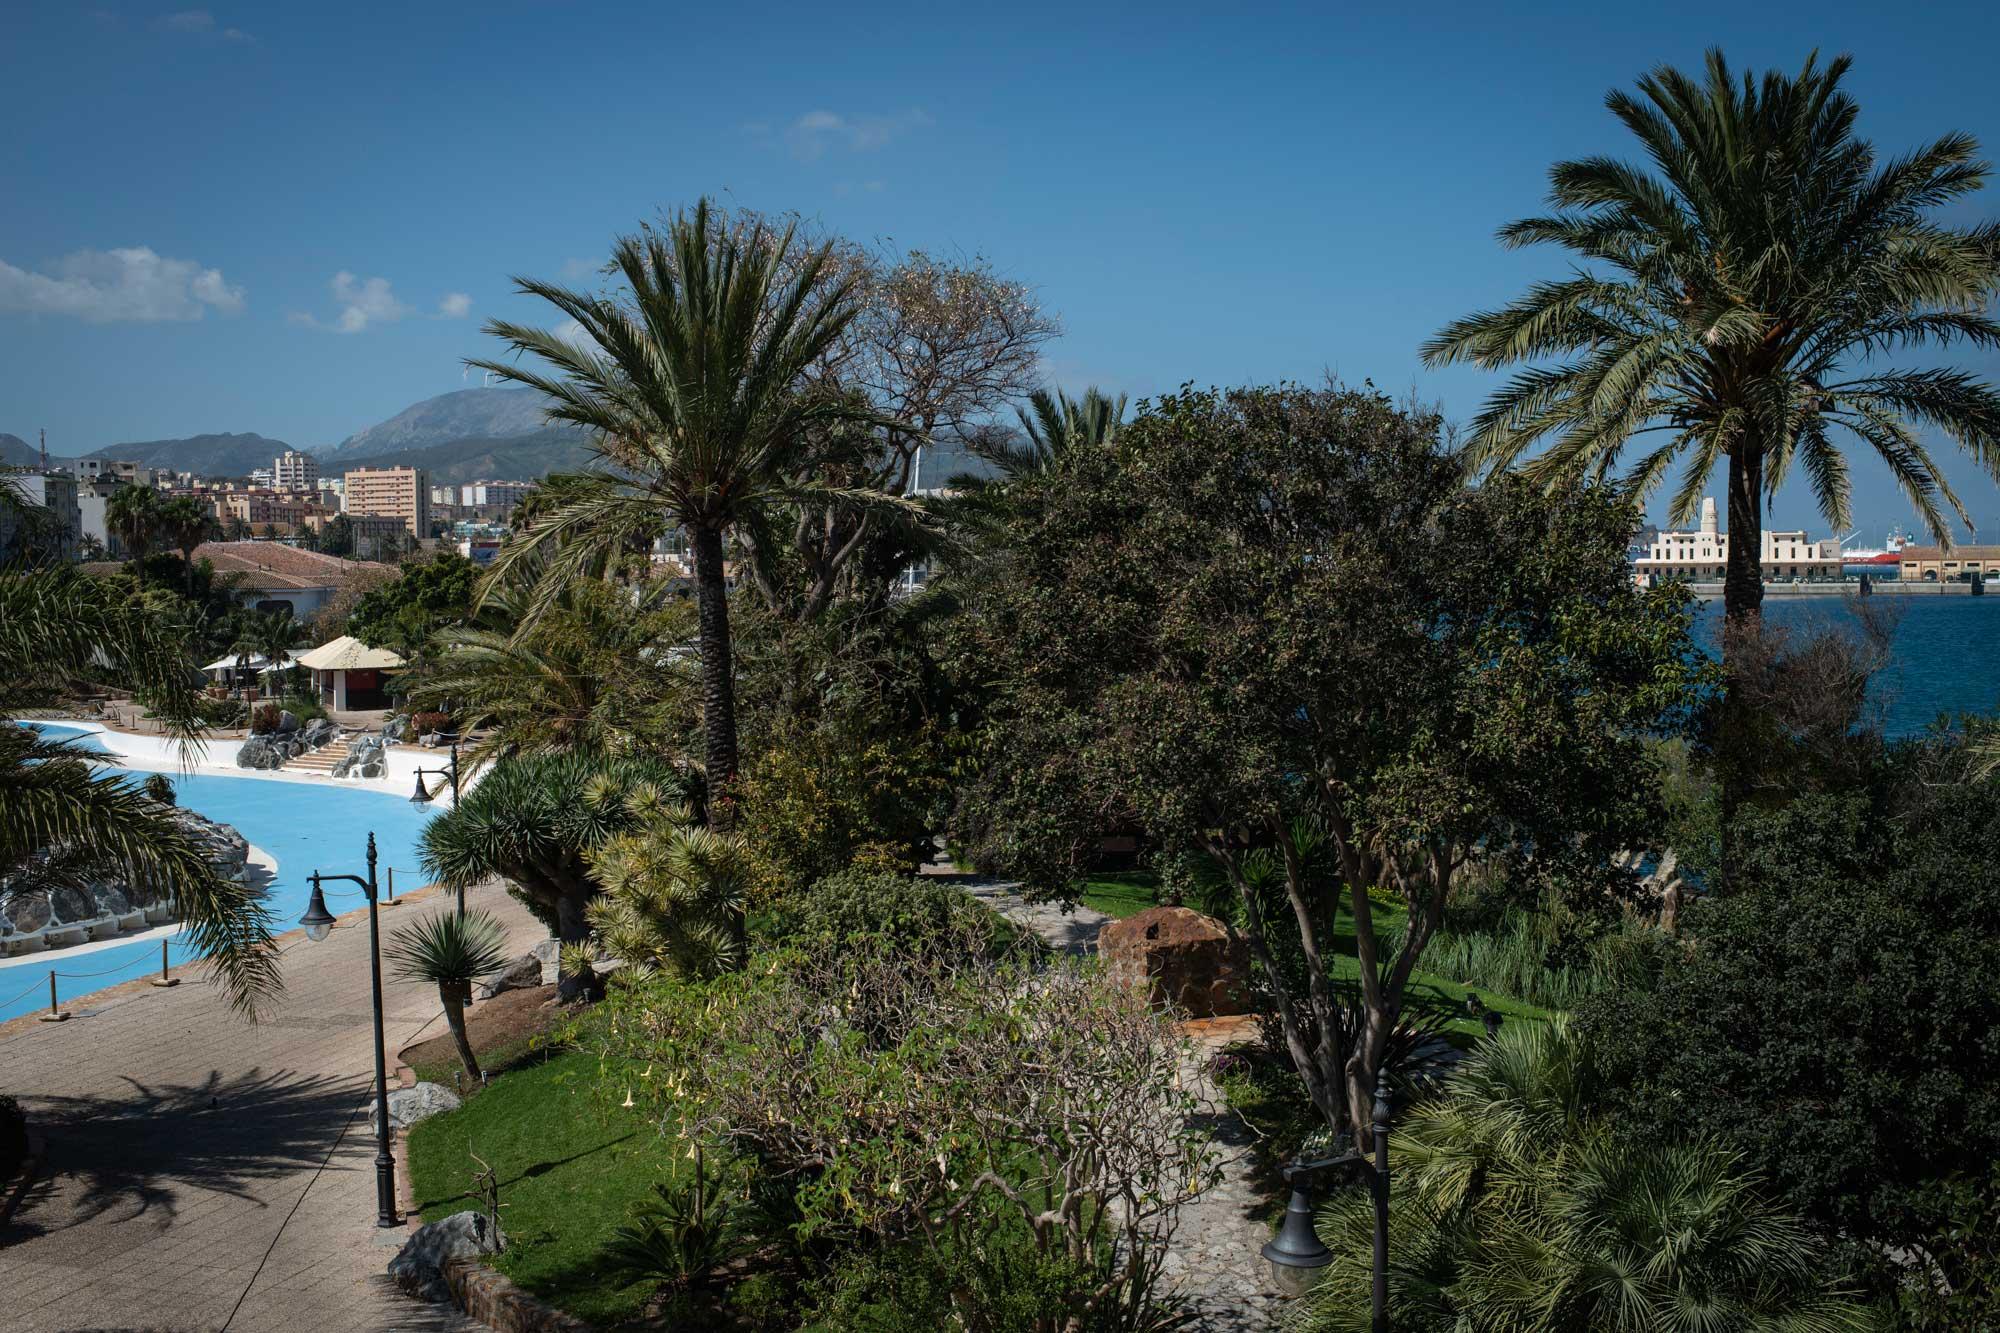 Parque Marítimo de César Manrique en Ceuta. Foto: Sofía Moro.